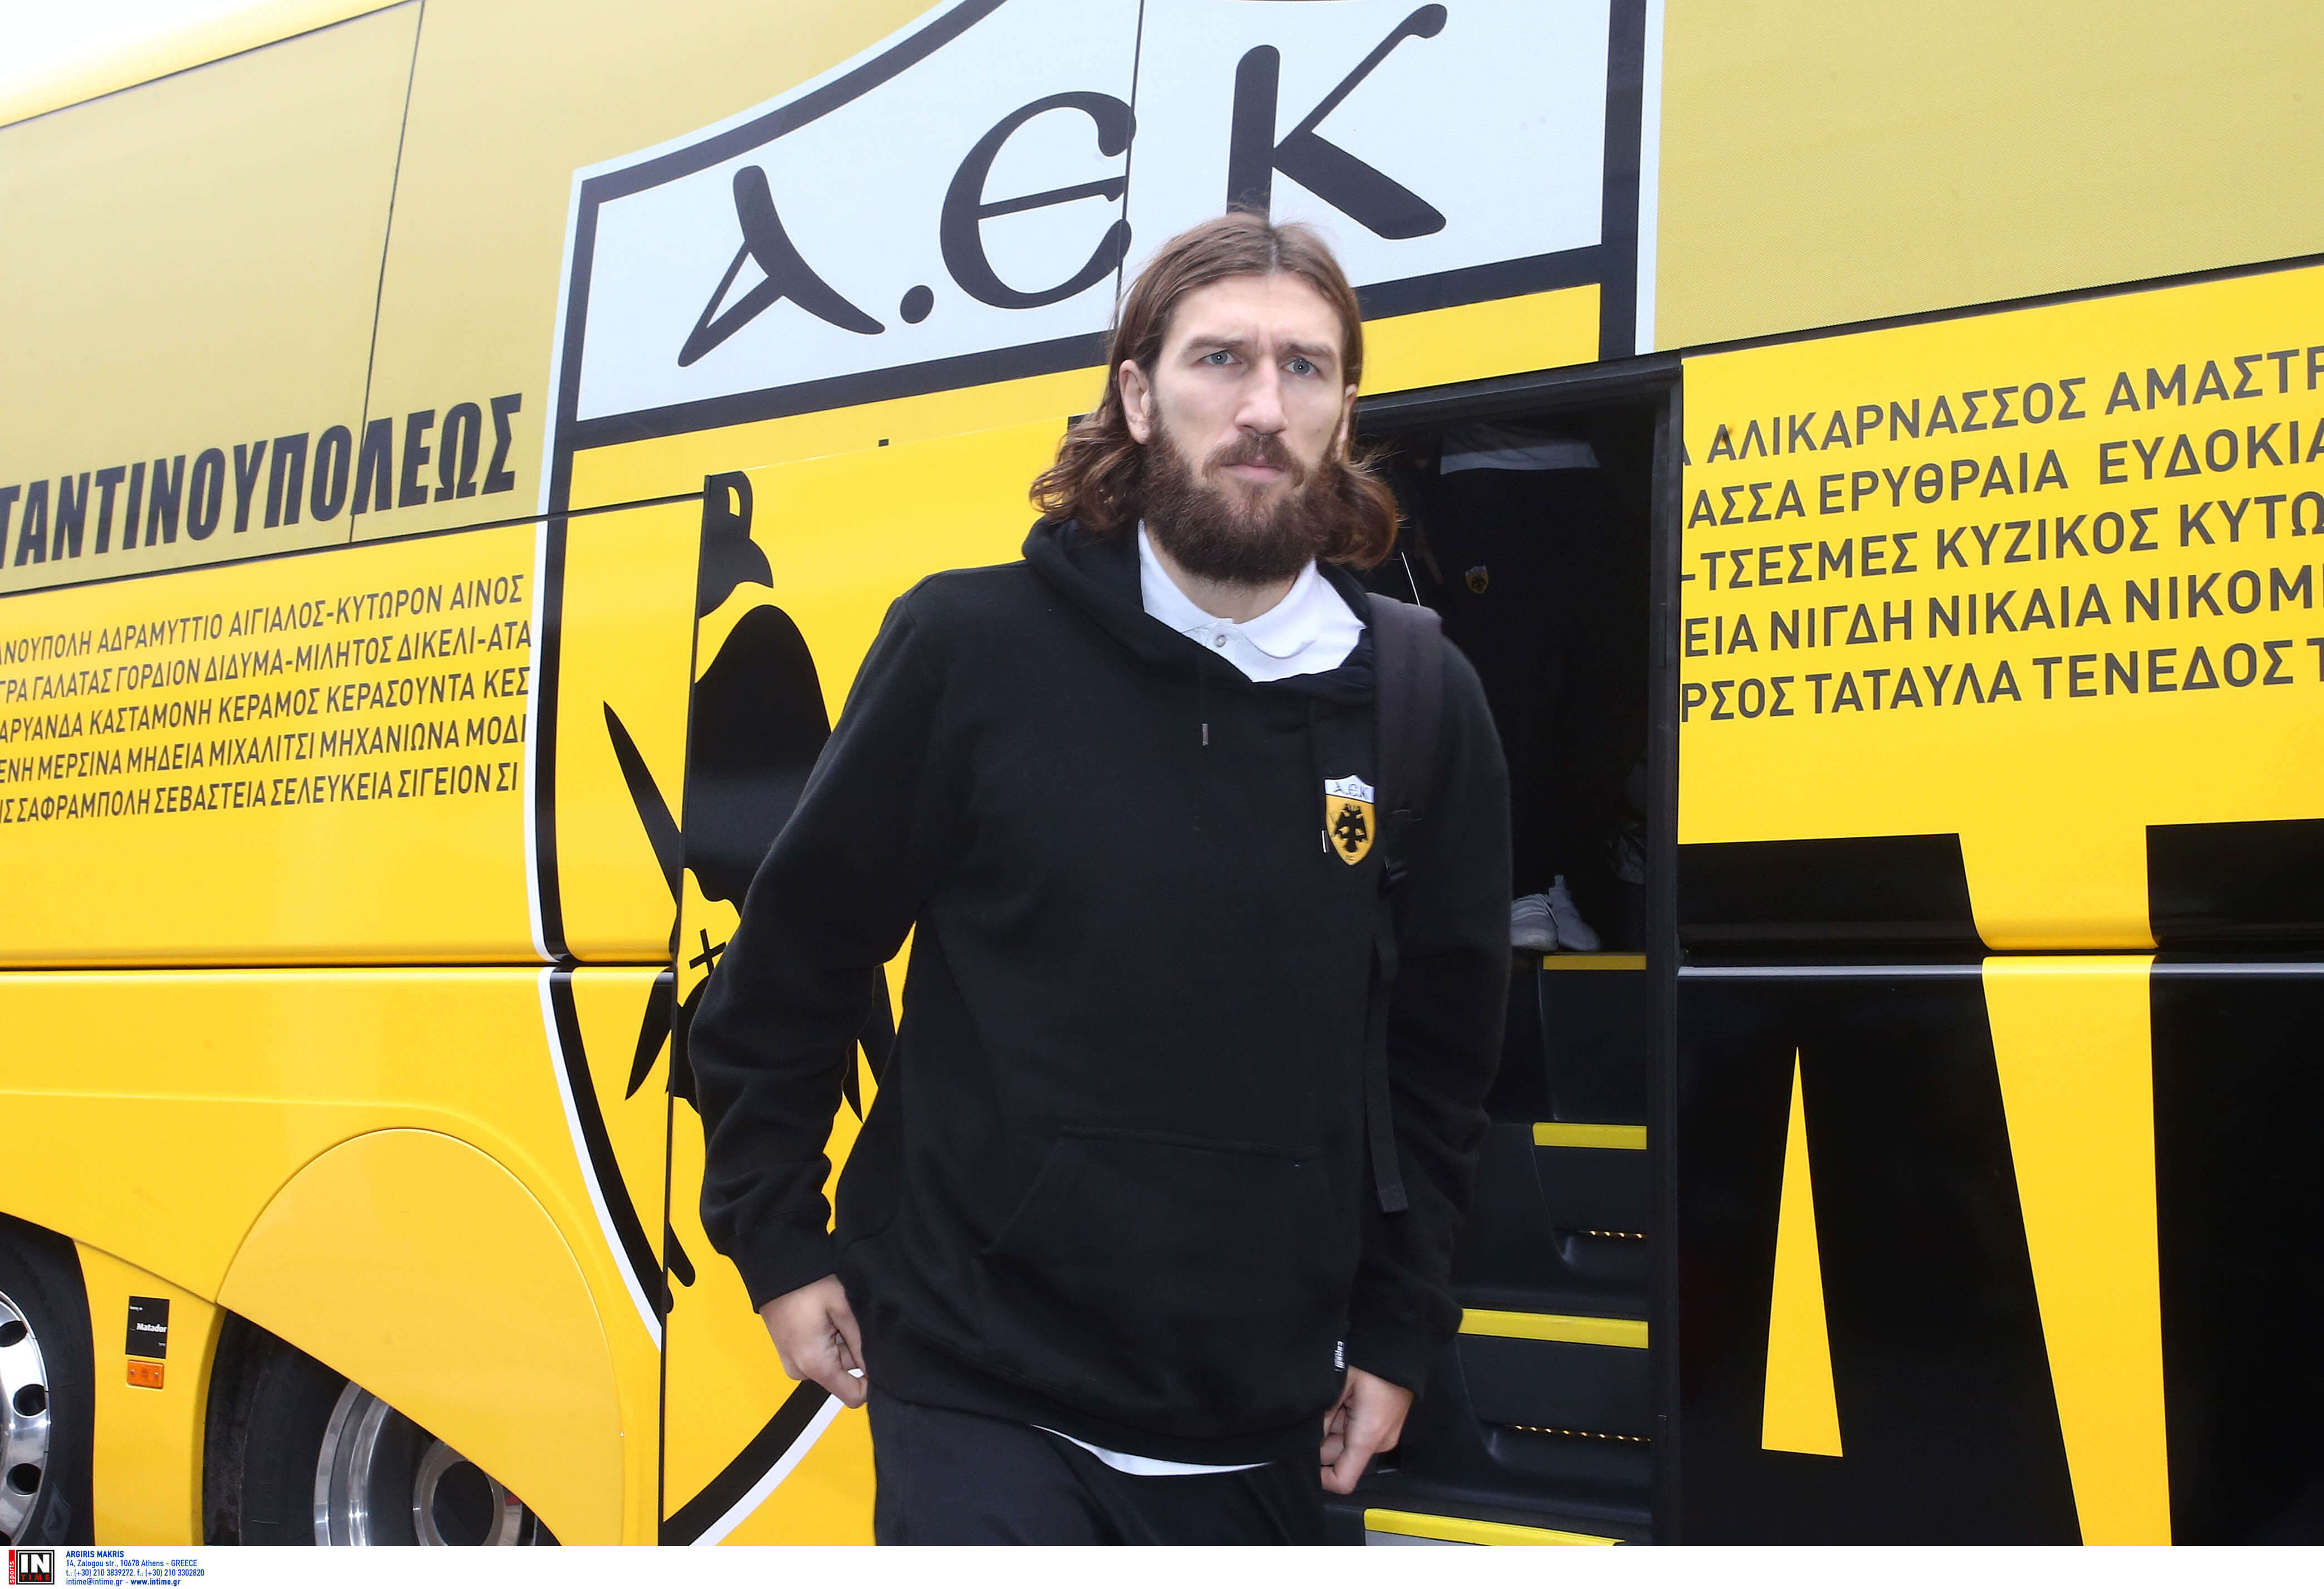 ΑΕΚ: Αρνητικός στον κορονοϊό ο Τσιγκρίνσκι! Εκτός προπόνησης ο Ντεντελτσιάρου